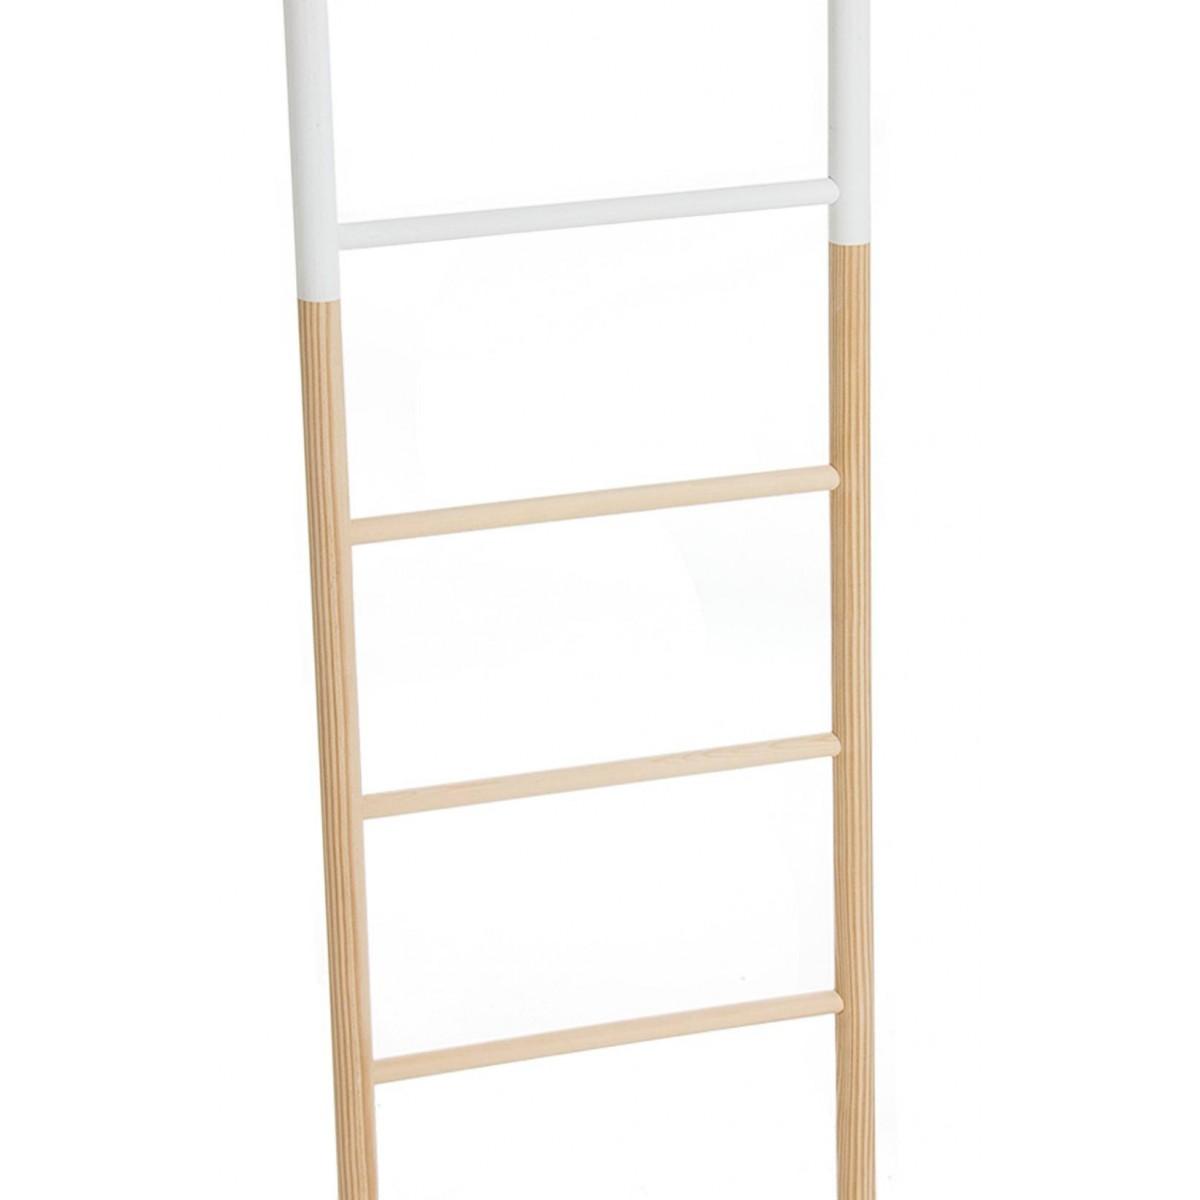 Escalera toallero decorativa madera blanca y natural Escalera decorativa blanca